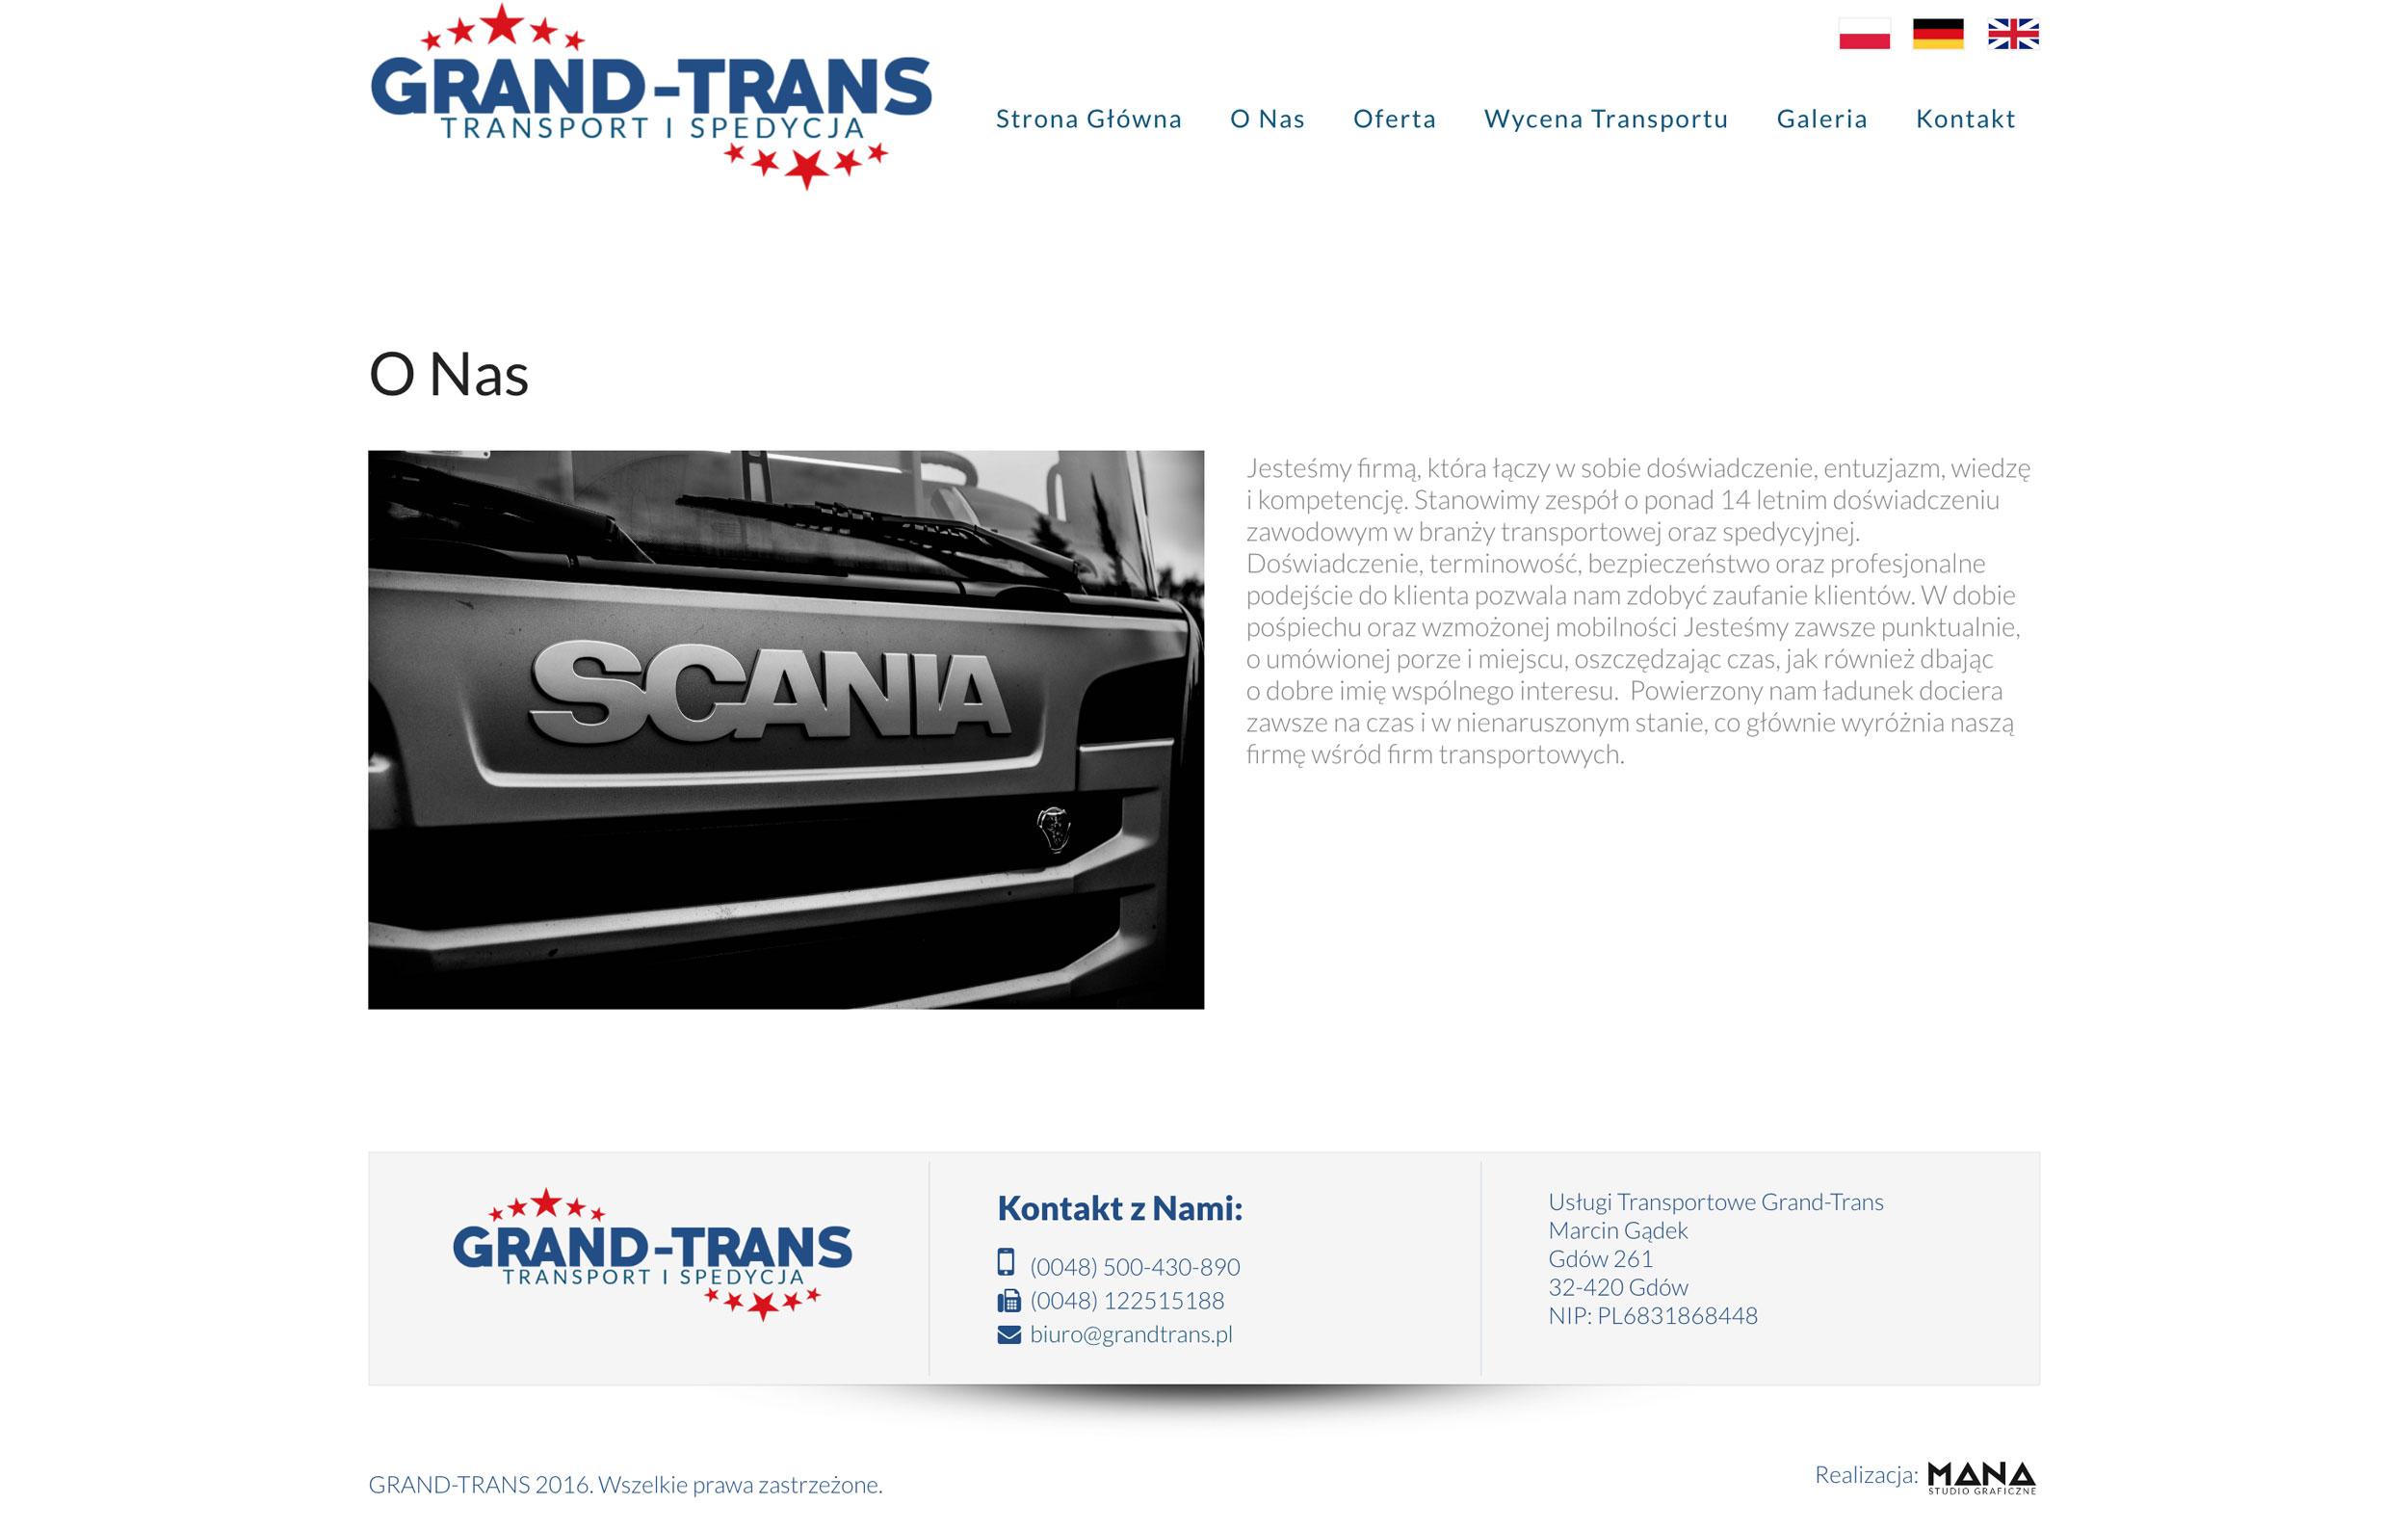 Grand-Trans - O Nas